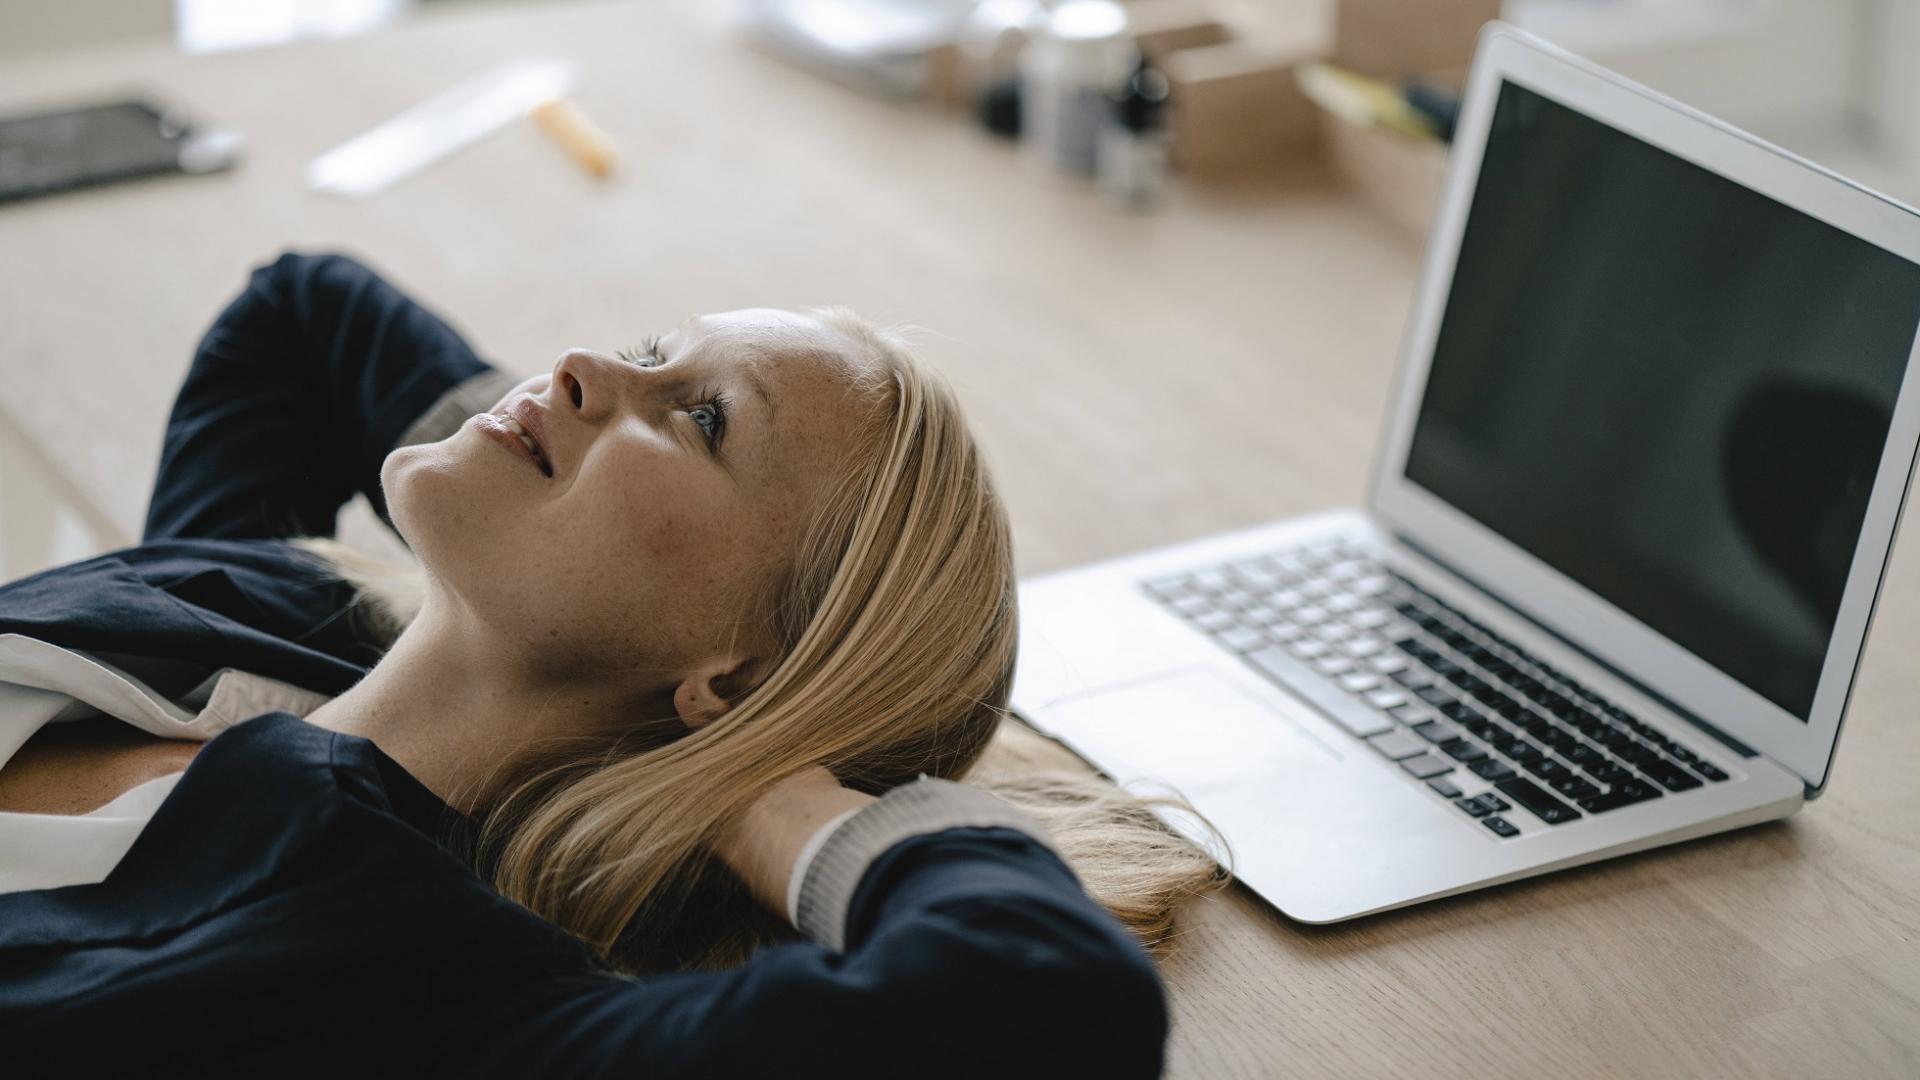 junge Business-Frau lächelt und macht eine Pause am Schreibtisch und legt ihren Kopf auf den Tisch vor dem Laptop